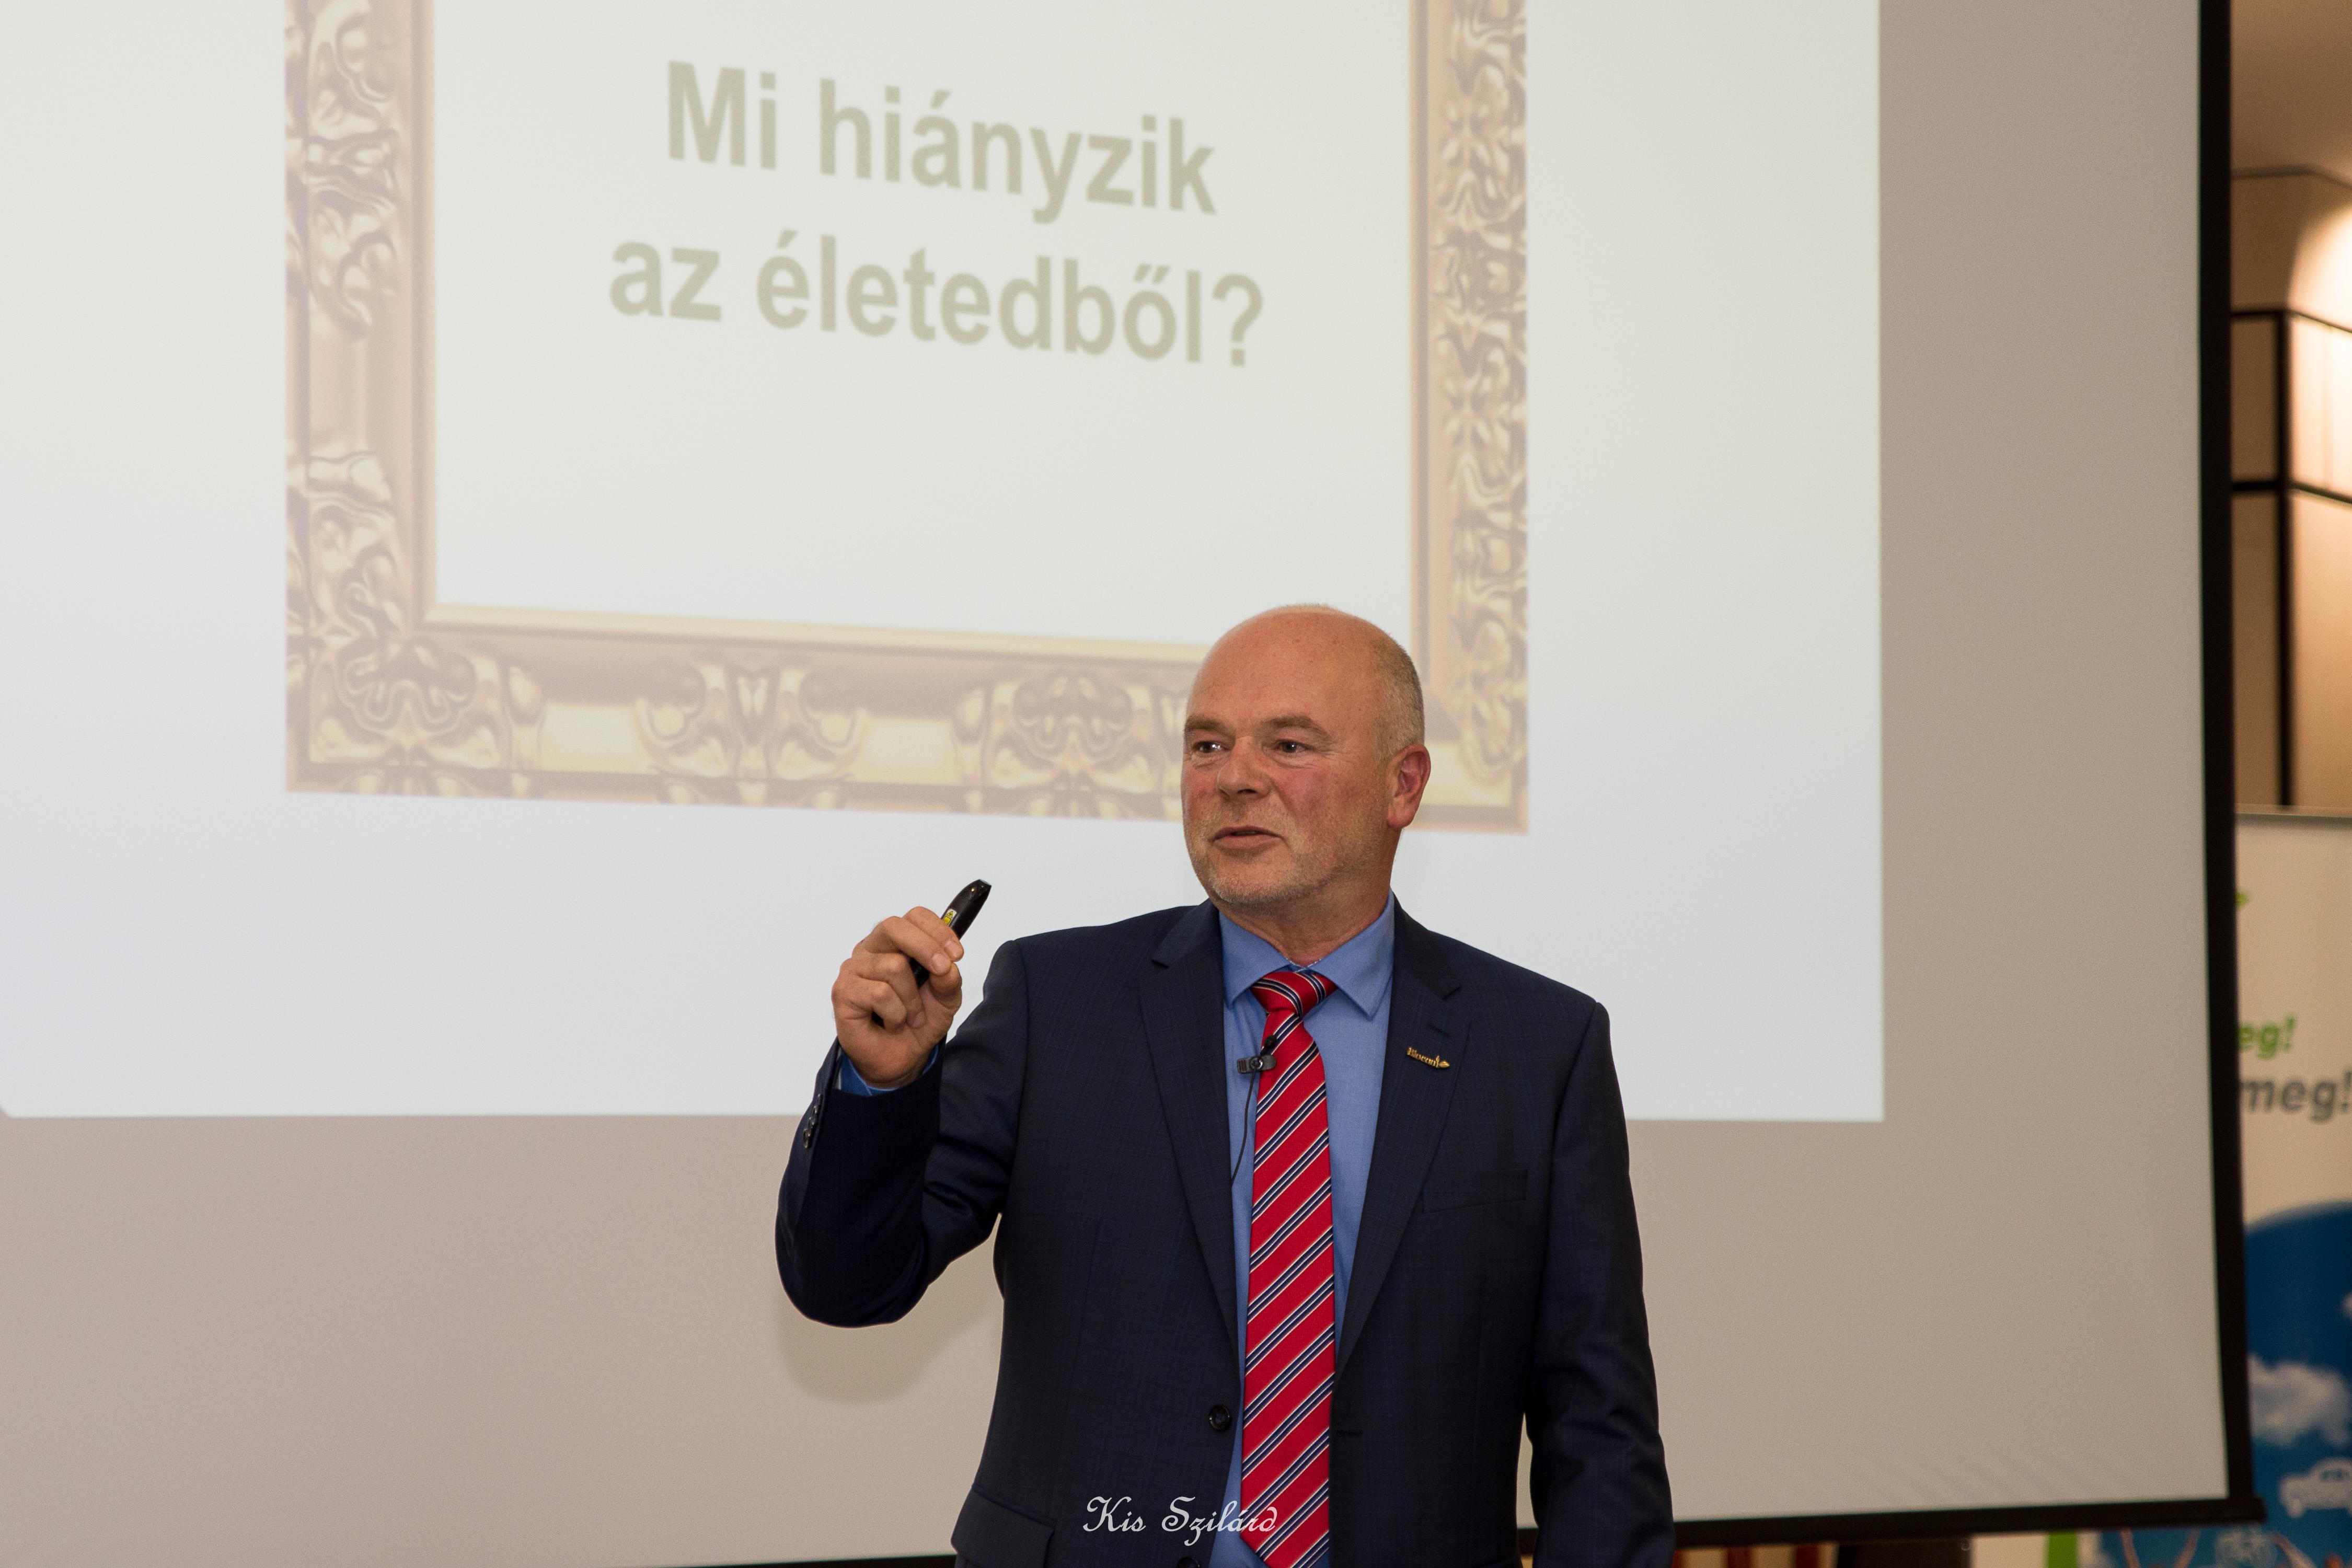 Kónya György motiváló, közérthető előadásában egy alapkérdésre kerestette a választ a hallgatósággal – a kivetítőn látható…